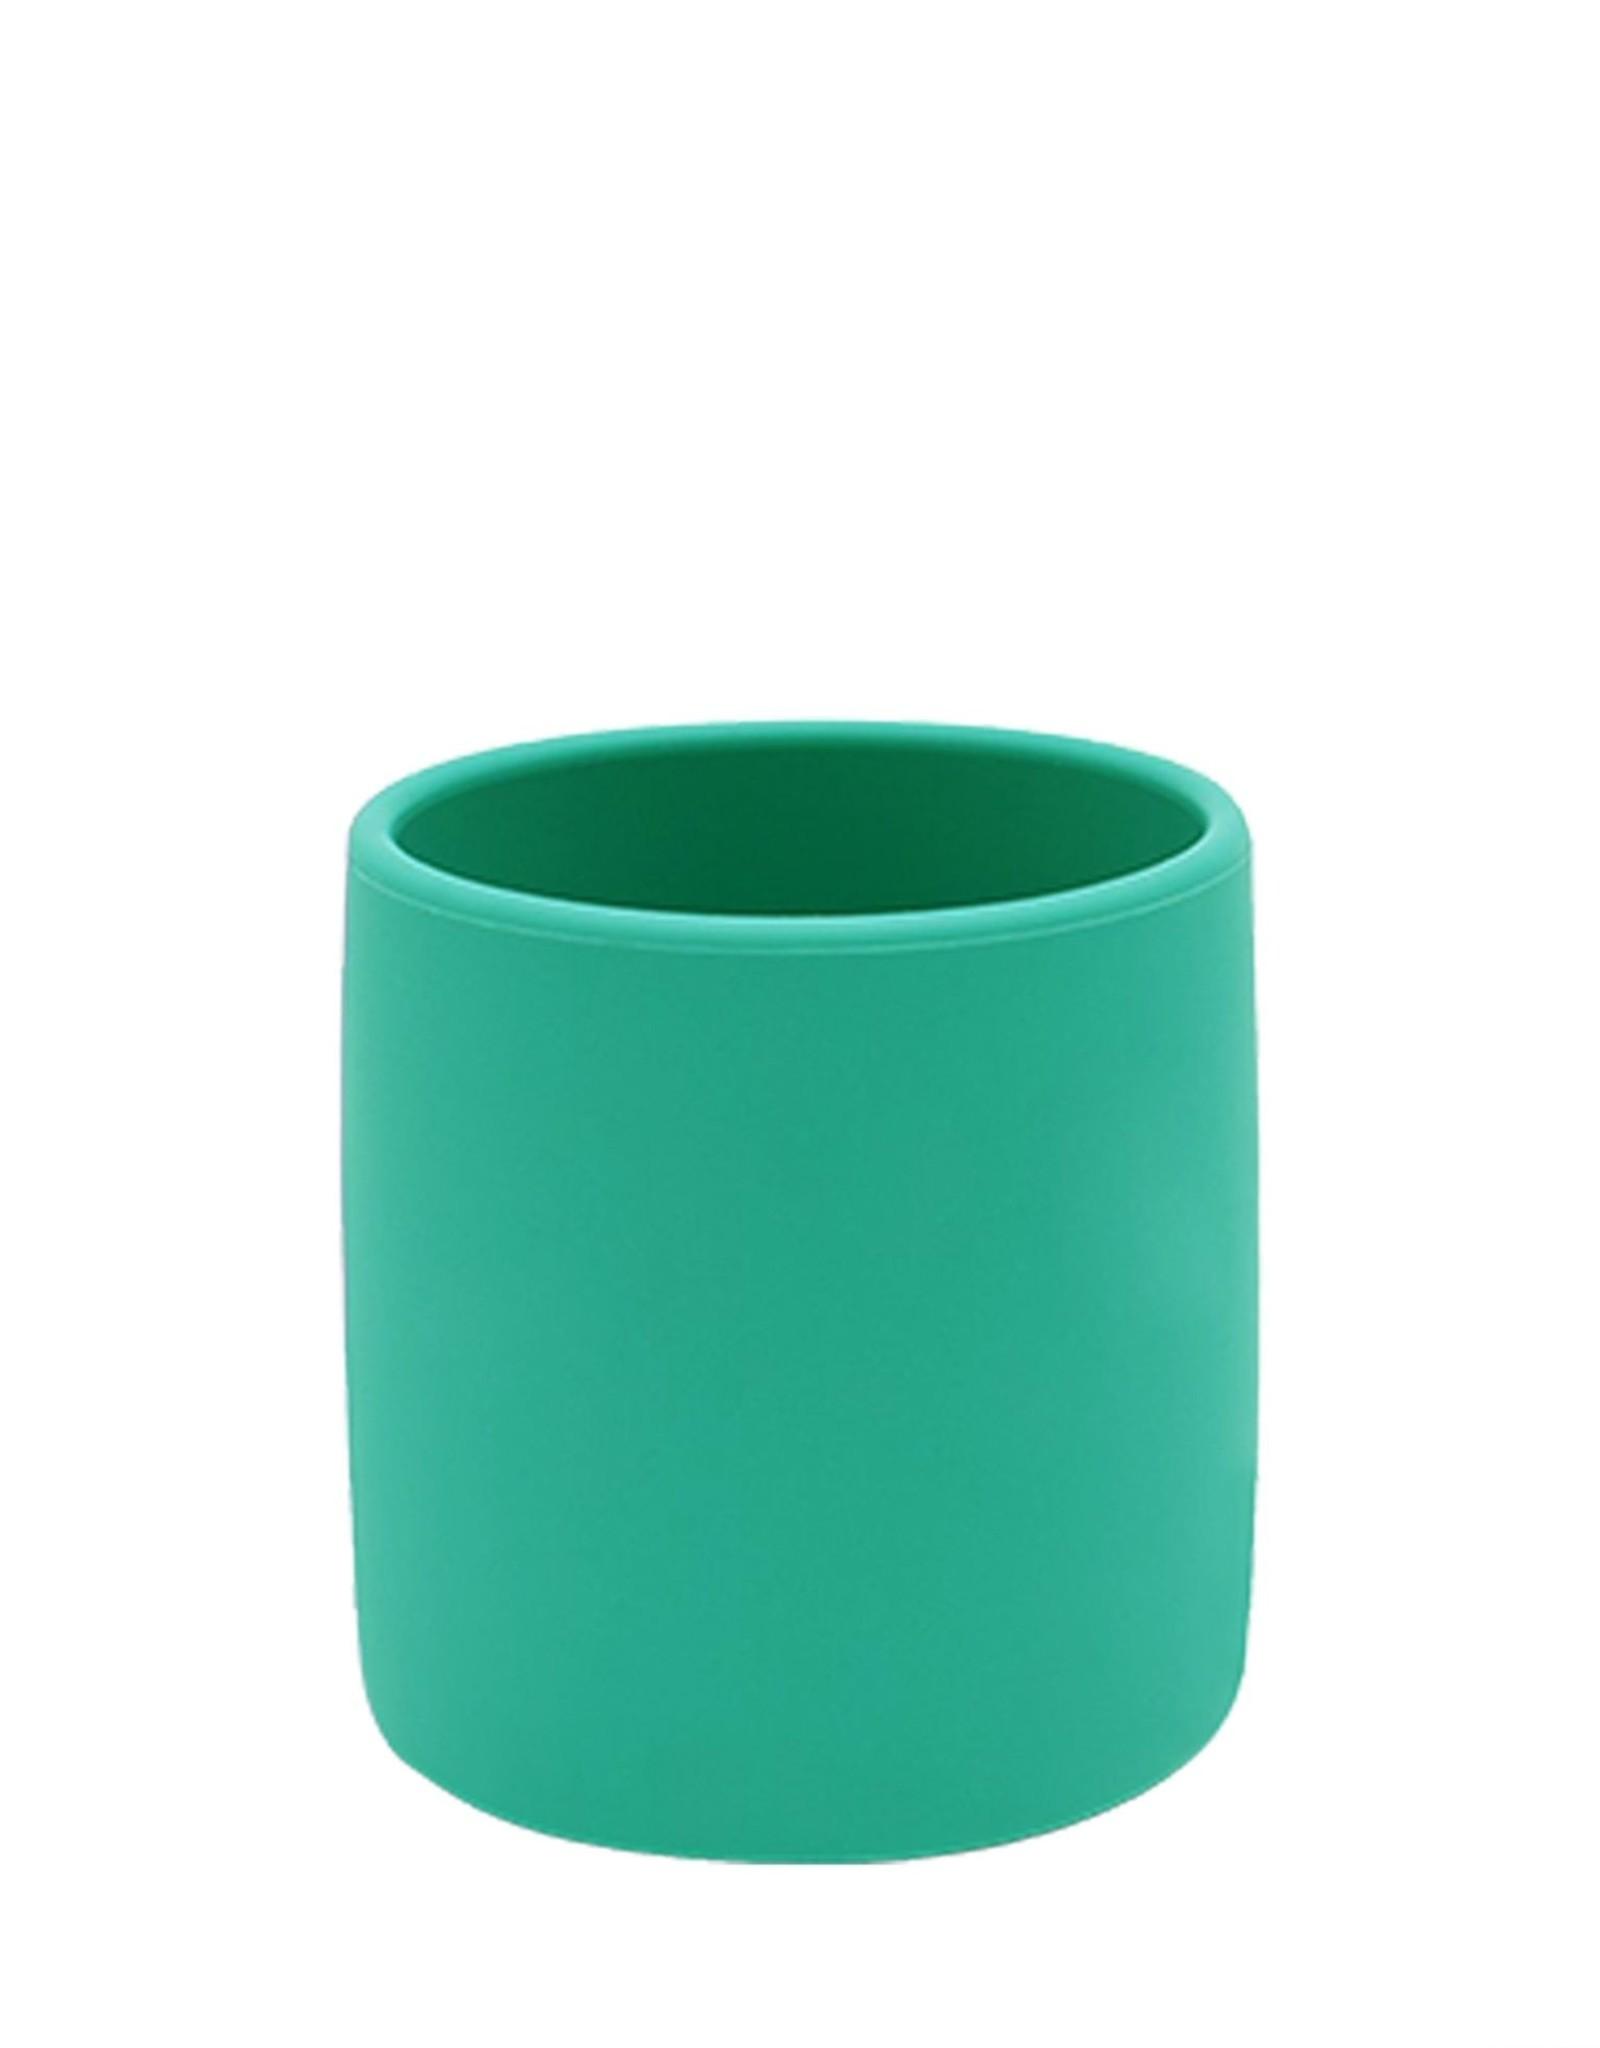 Minikoikoi Minikoikoi - mini cup groen